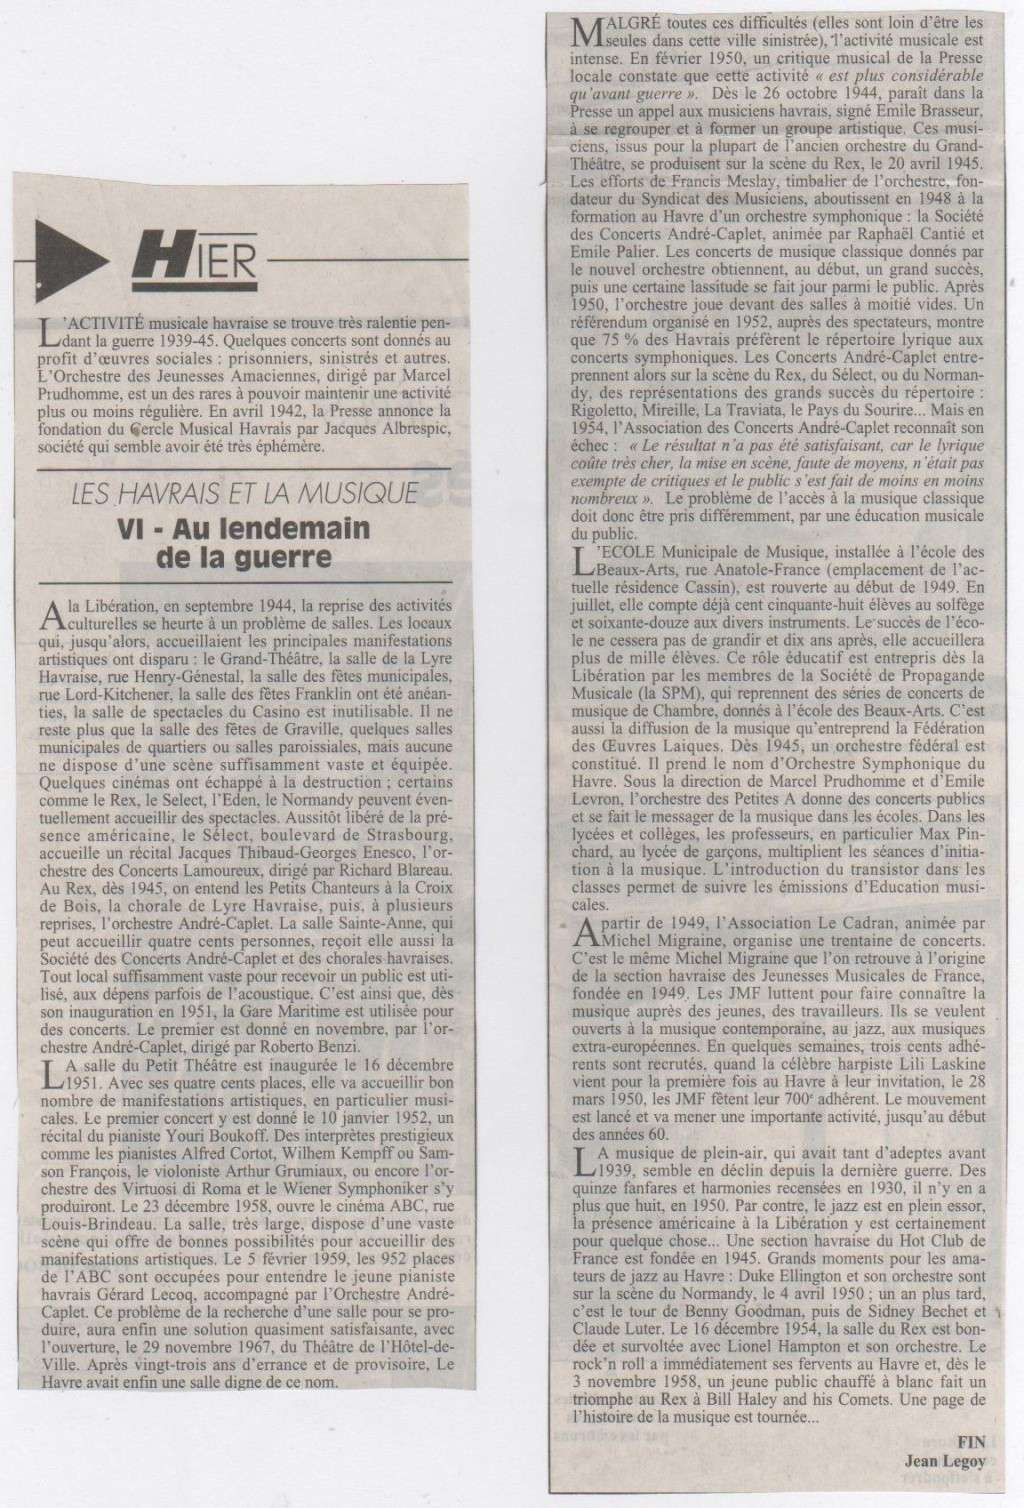 Hier, Le Havre par Jean LEGOY - Page 2 Jean_l83